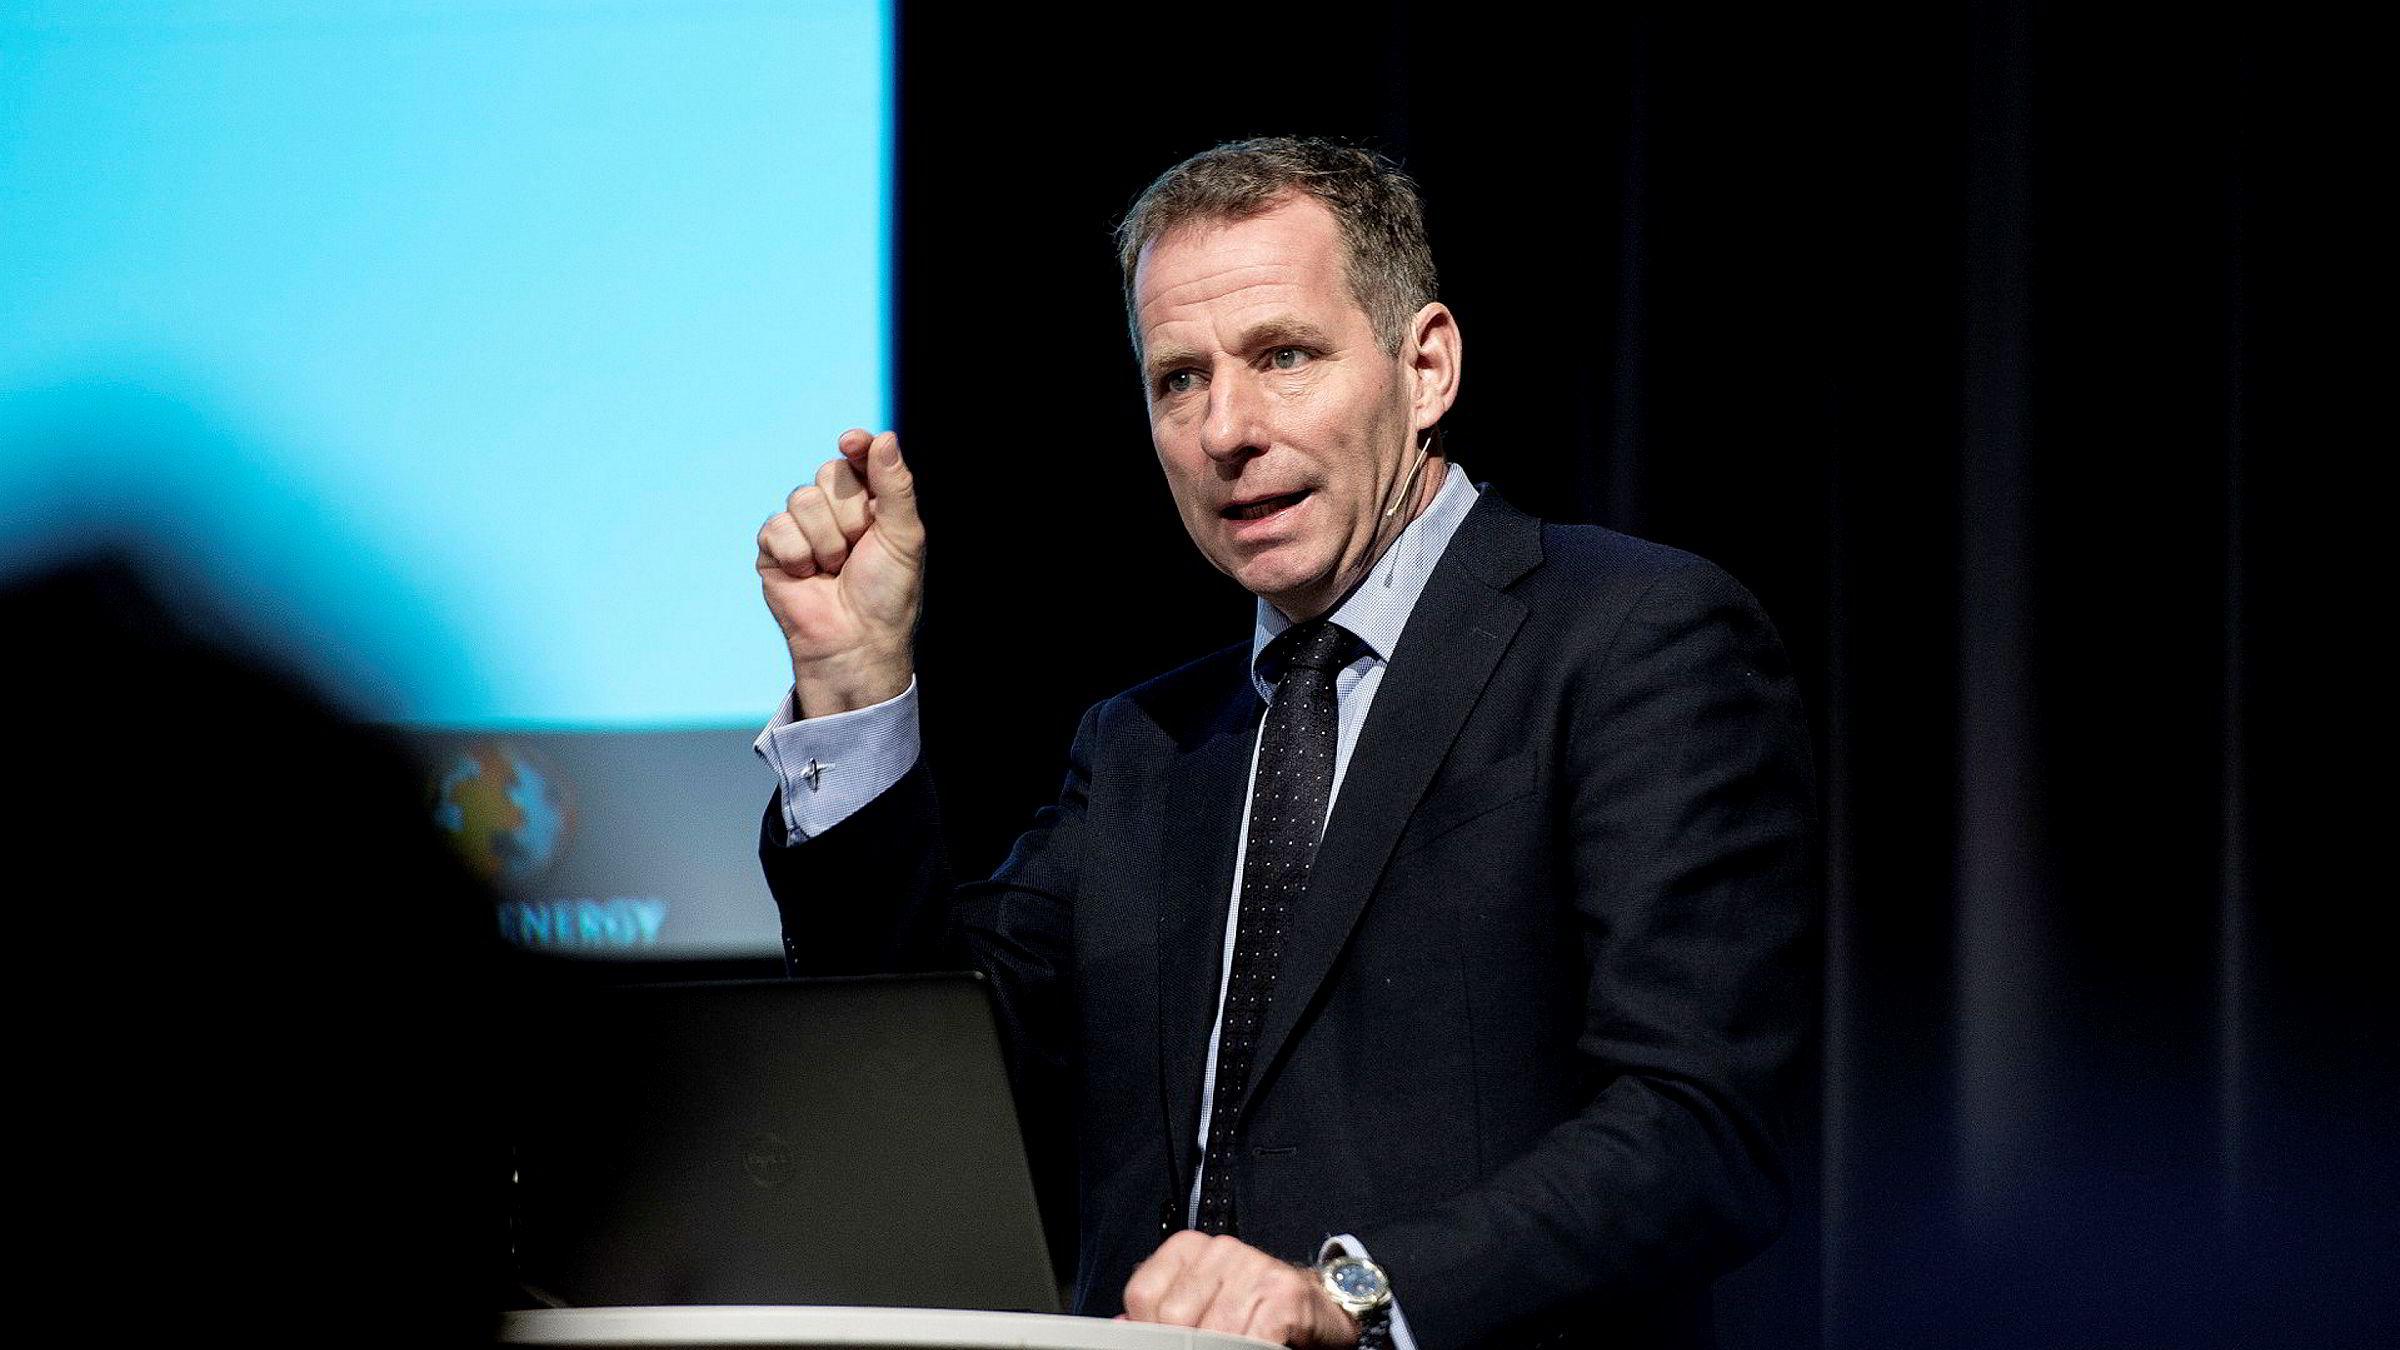 Jarand Rystad spår fryktelige tider for verdens oljeindustri. Prisene kan gå mot ti dollar fatet og norsk leverandørindustri må bare gå i hi i et år.